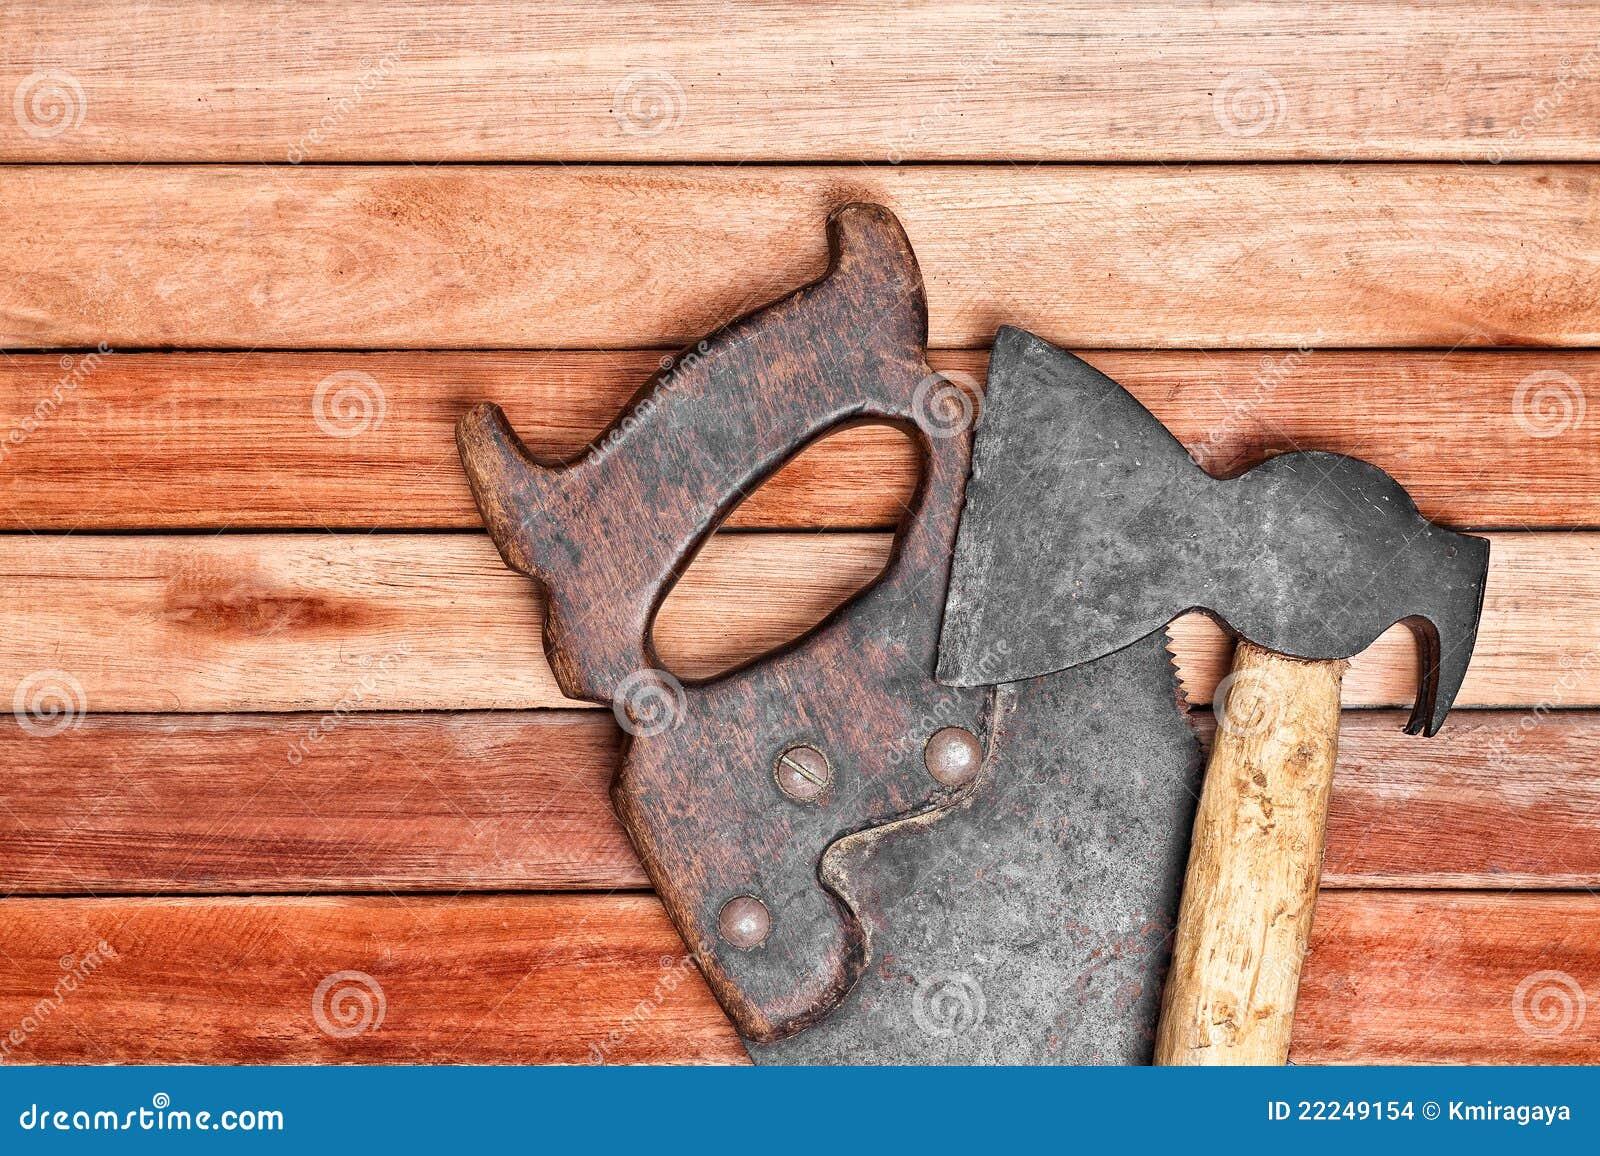 Herramientas manuales sobre tarjetas de madera imagenes de - Herramientas de madera ...